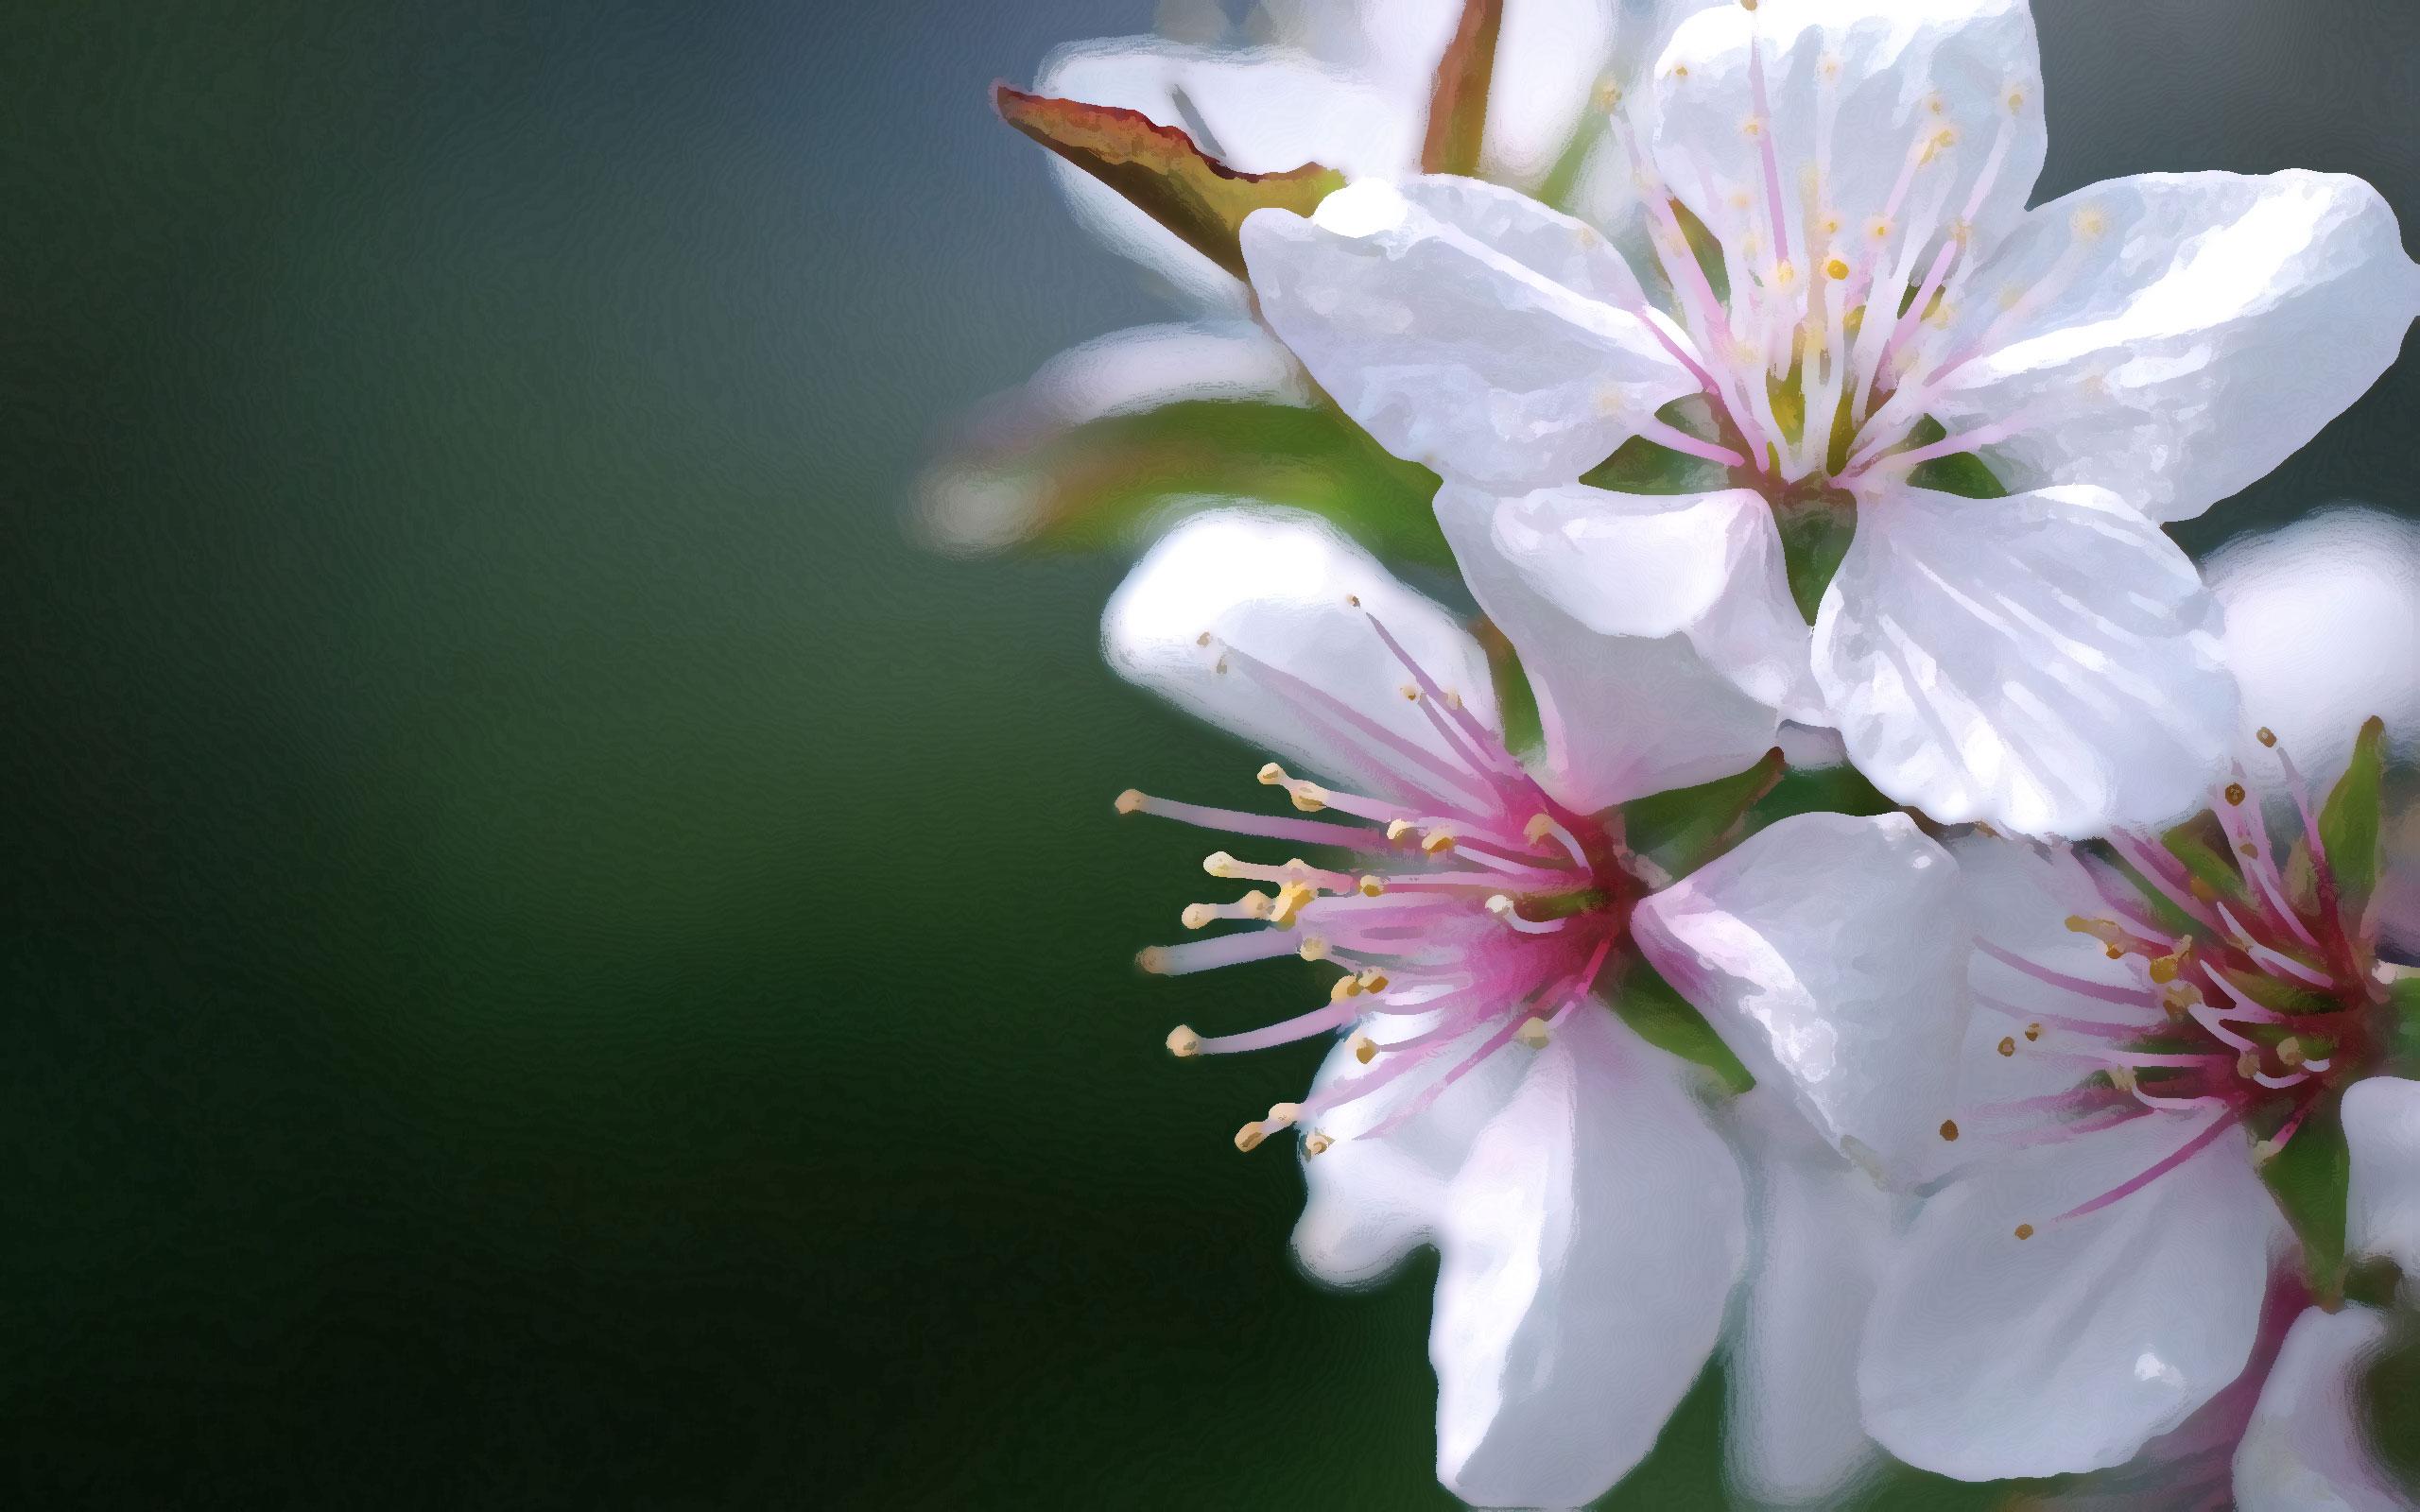 サクラのイラスト見本-桜壁紙・白い花びら